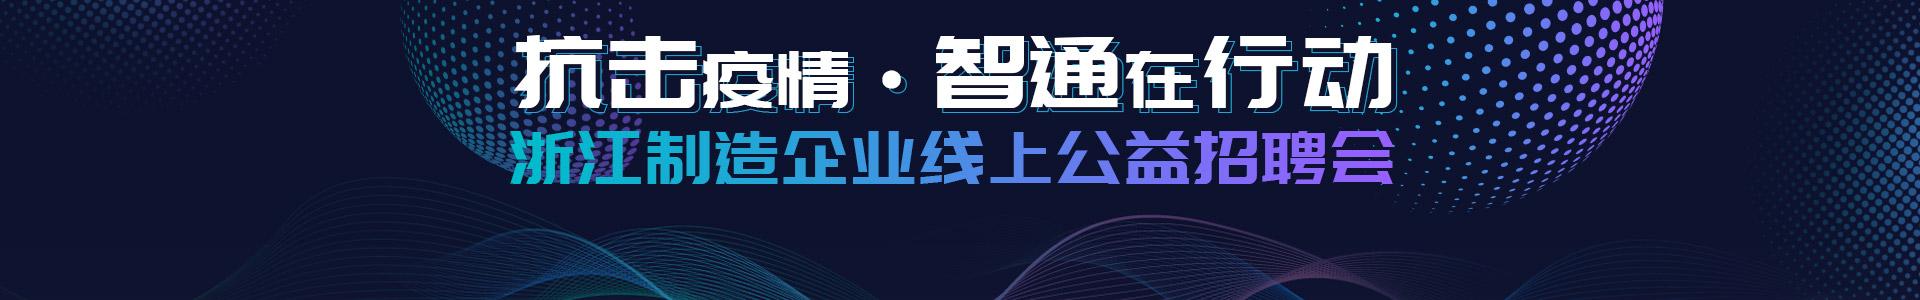 2.21浙江制造企業網絡招聘